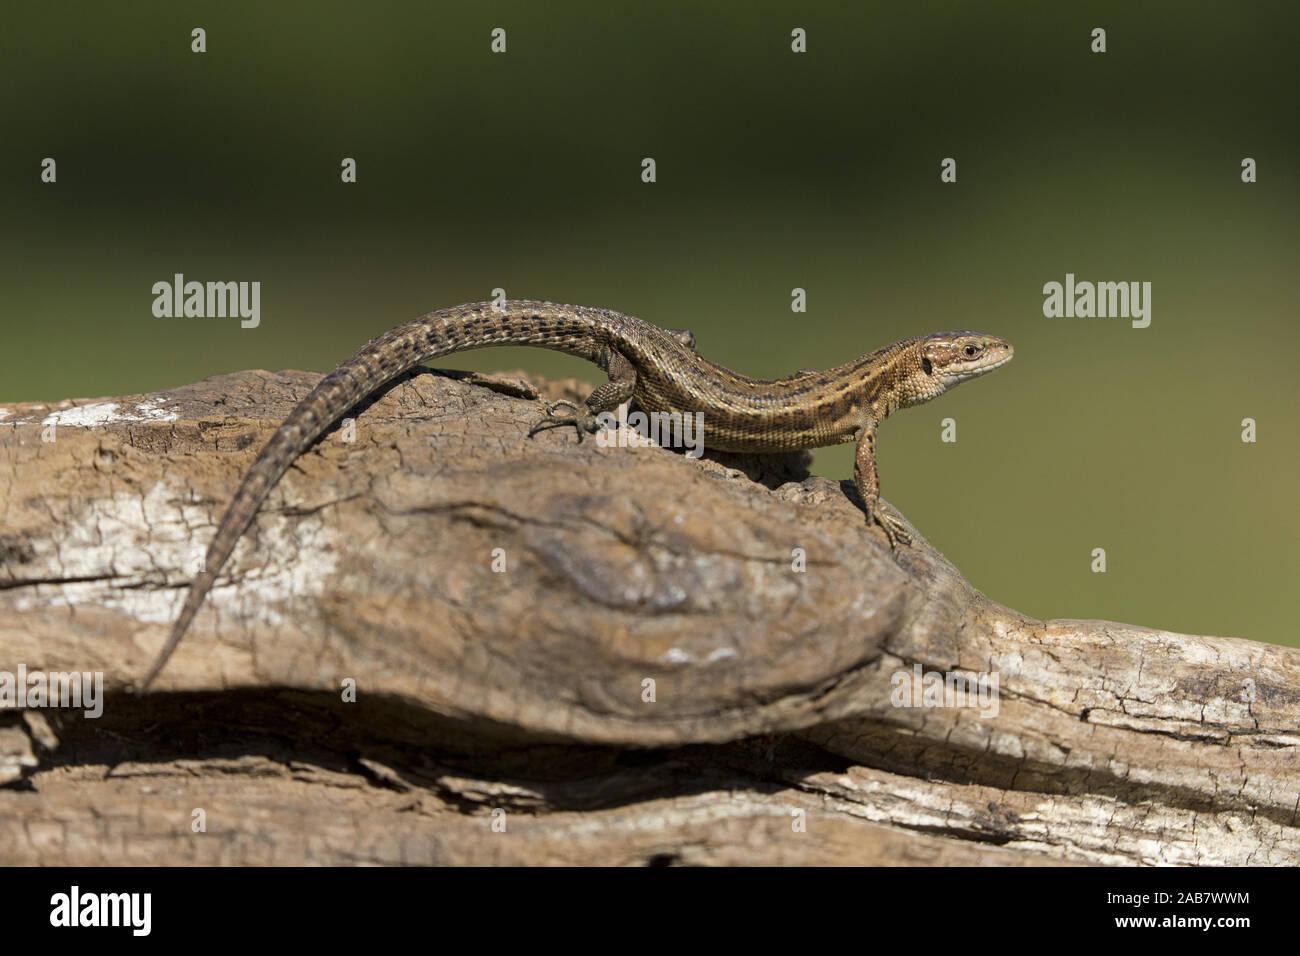 Gemeinsame Lizard (Zootoca Vivipara) Erwachsenen, Sonnenbaden auf den Log, Suffolk, England, UK, Juni Stockfoto